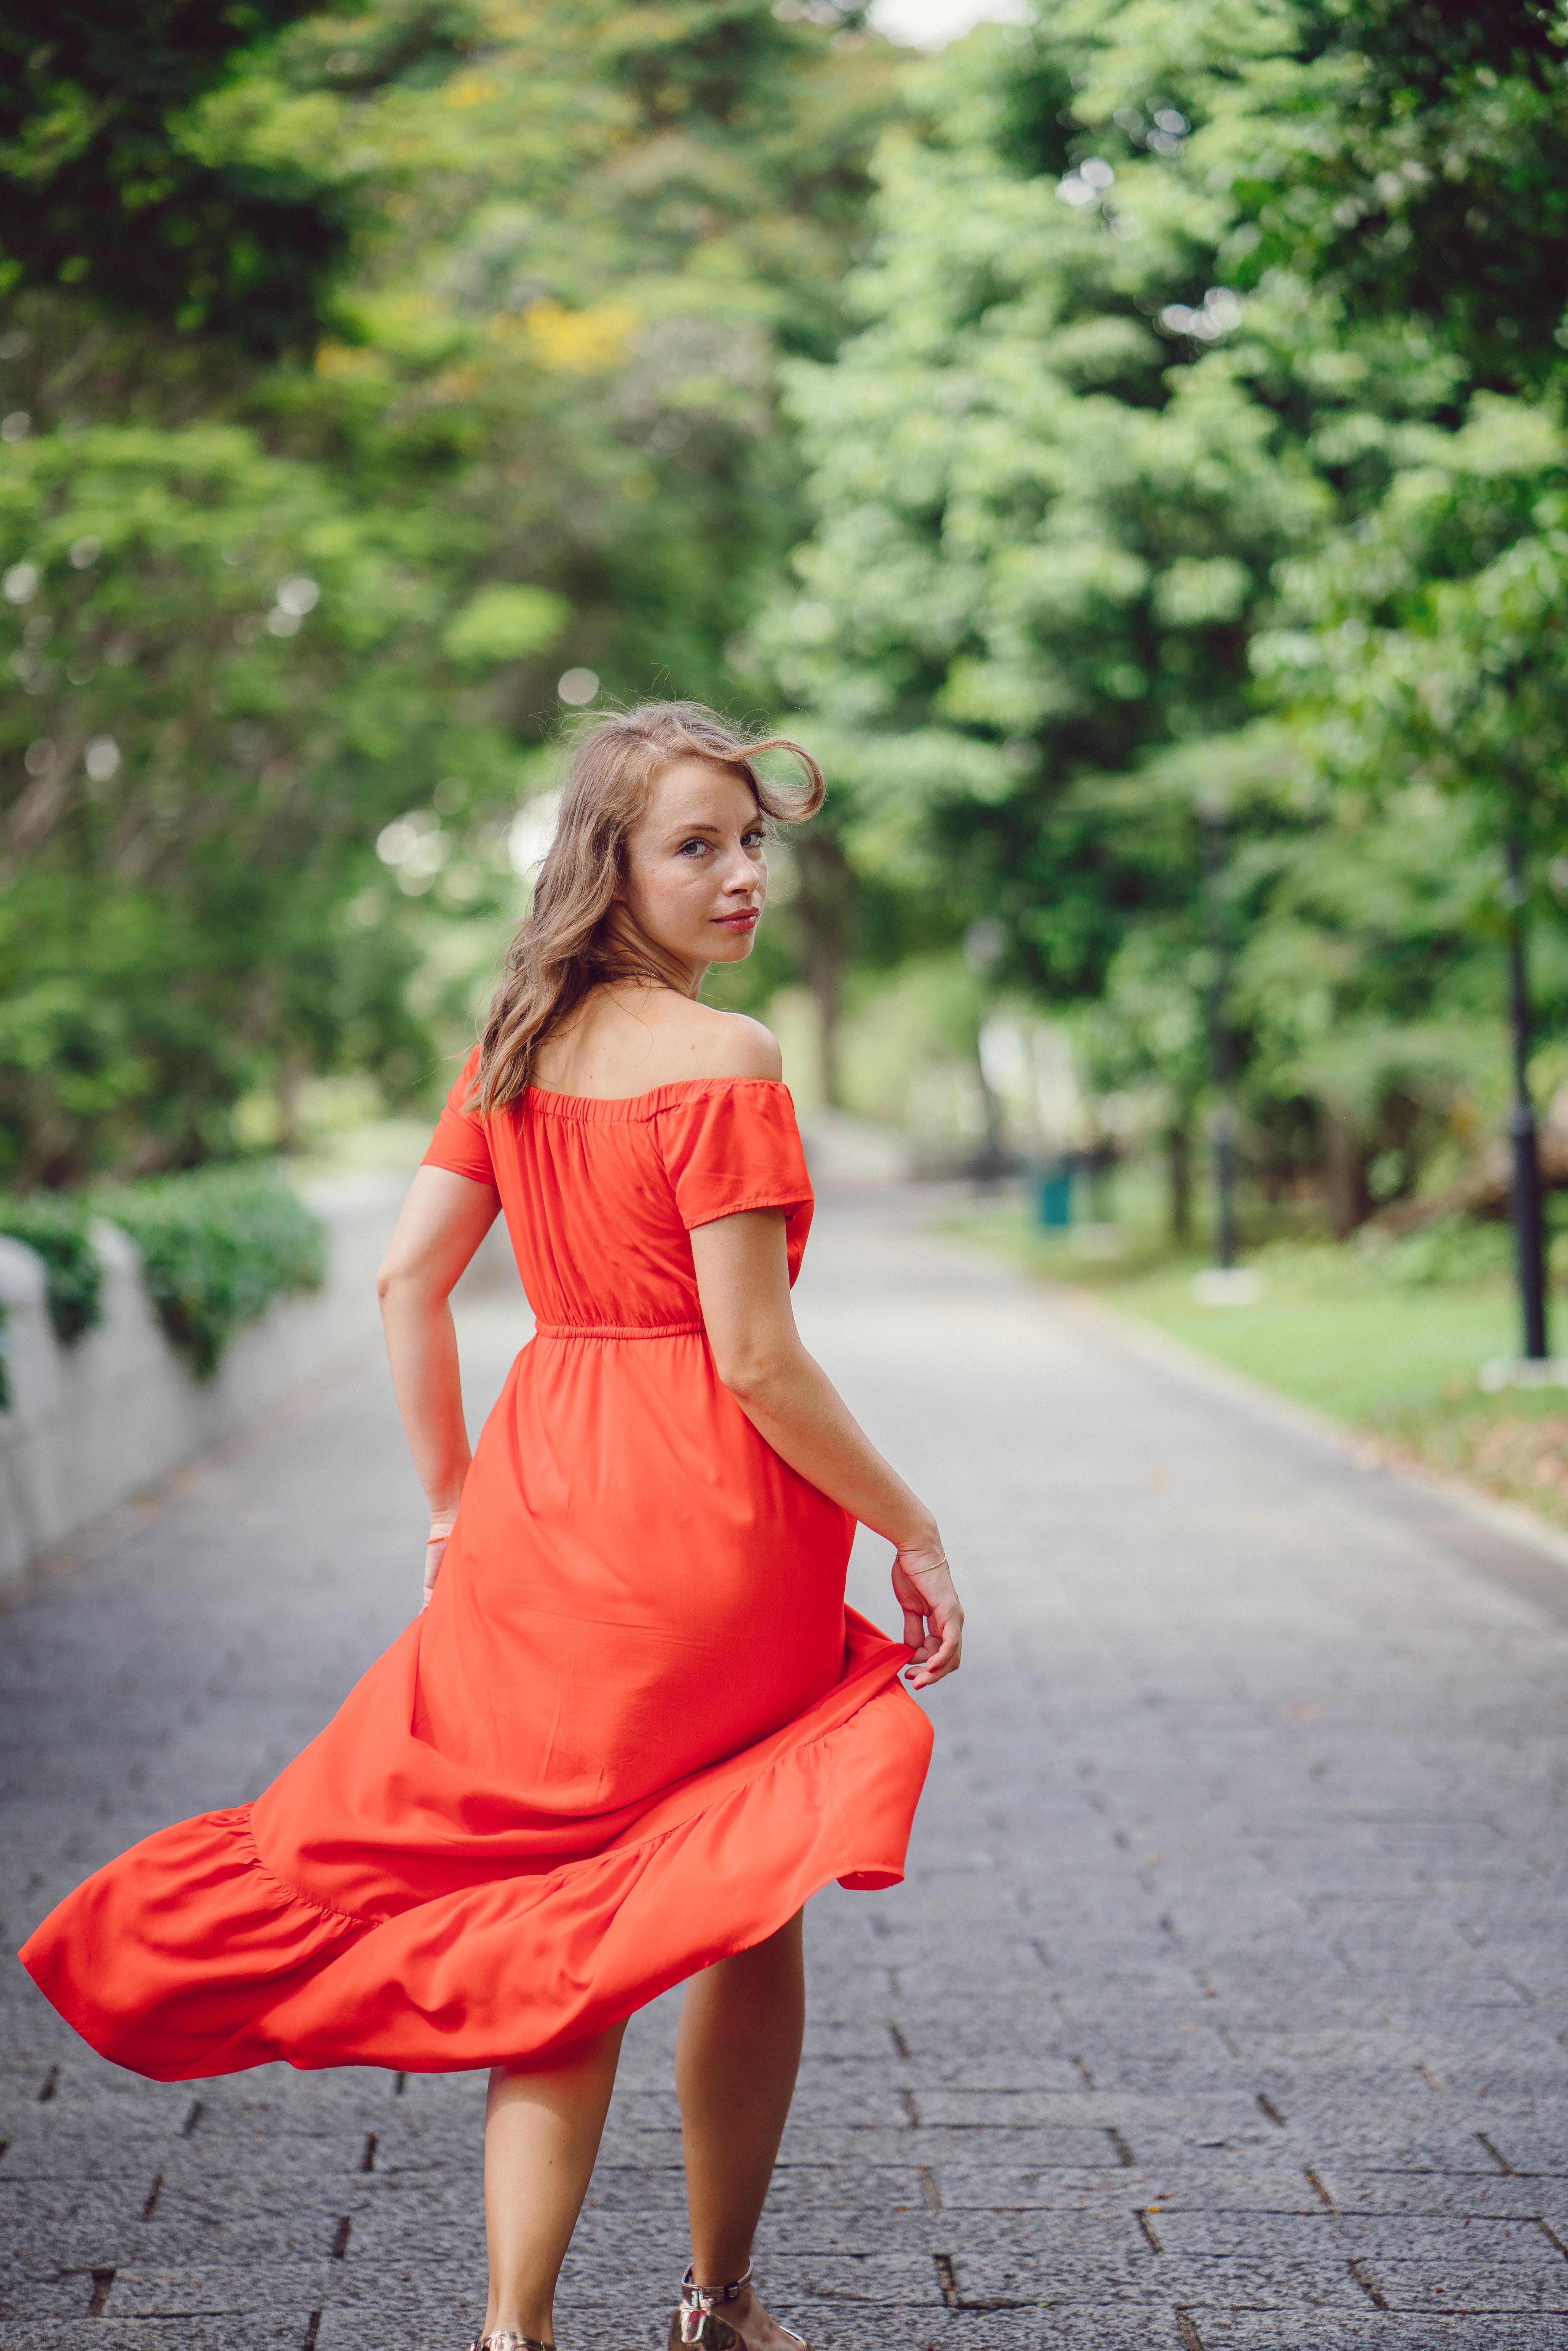 ドレス, パーク, ファッション, 人の無料の写真素材